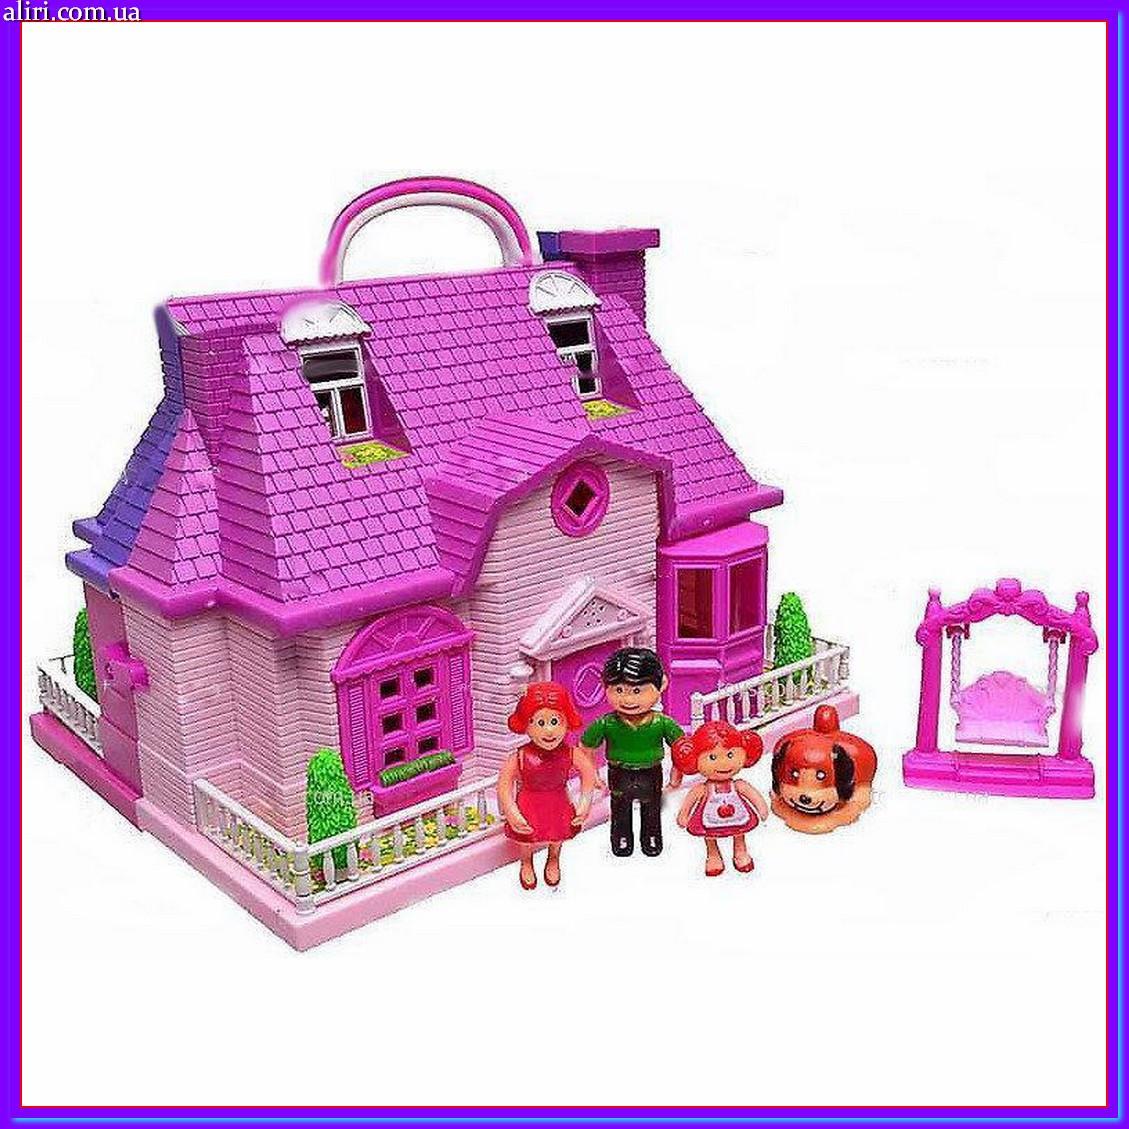 Кукольный домик с мебелью, 4 куклами, собачкой со светом и звуком 8039, фото 1